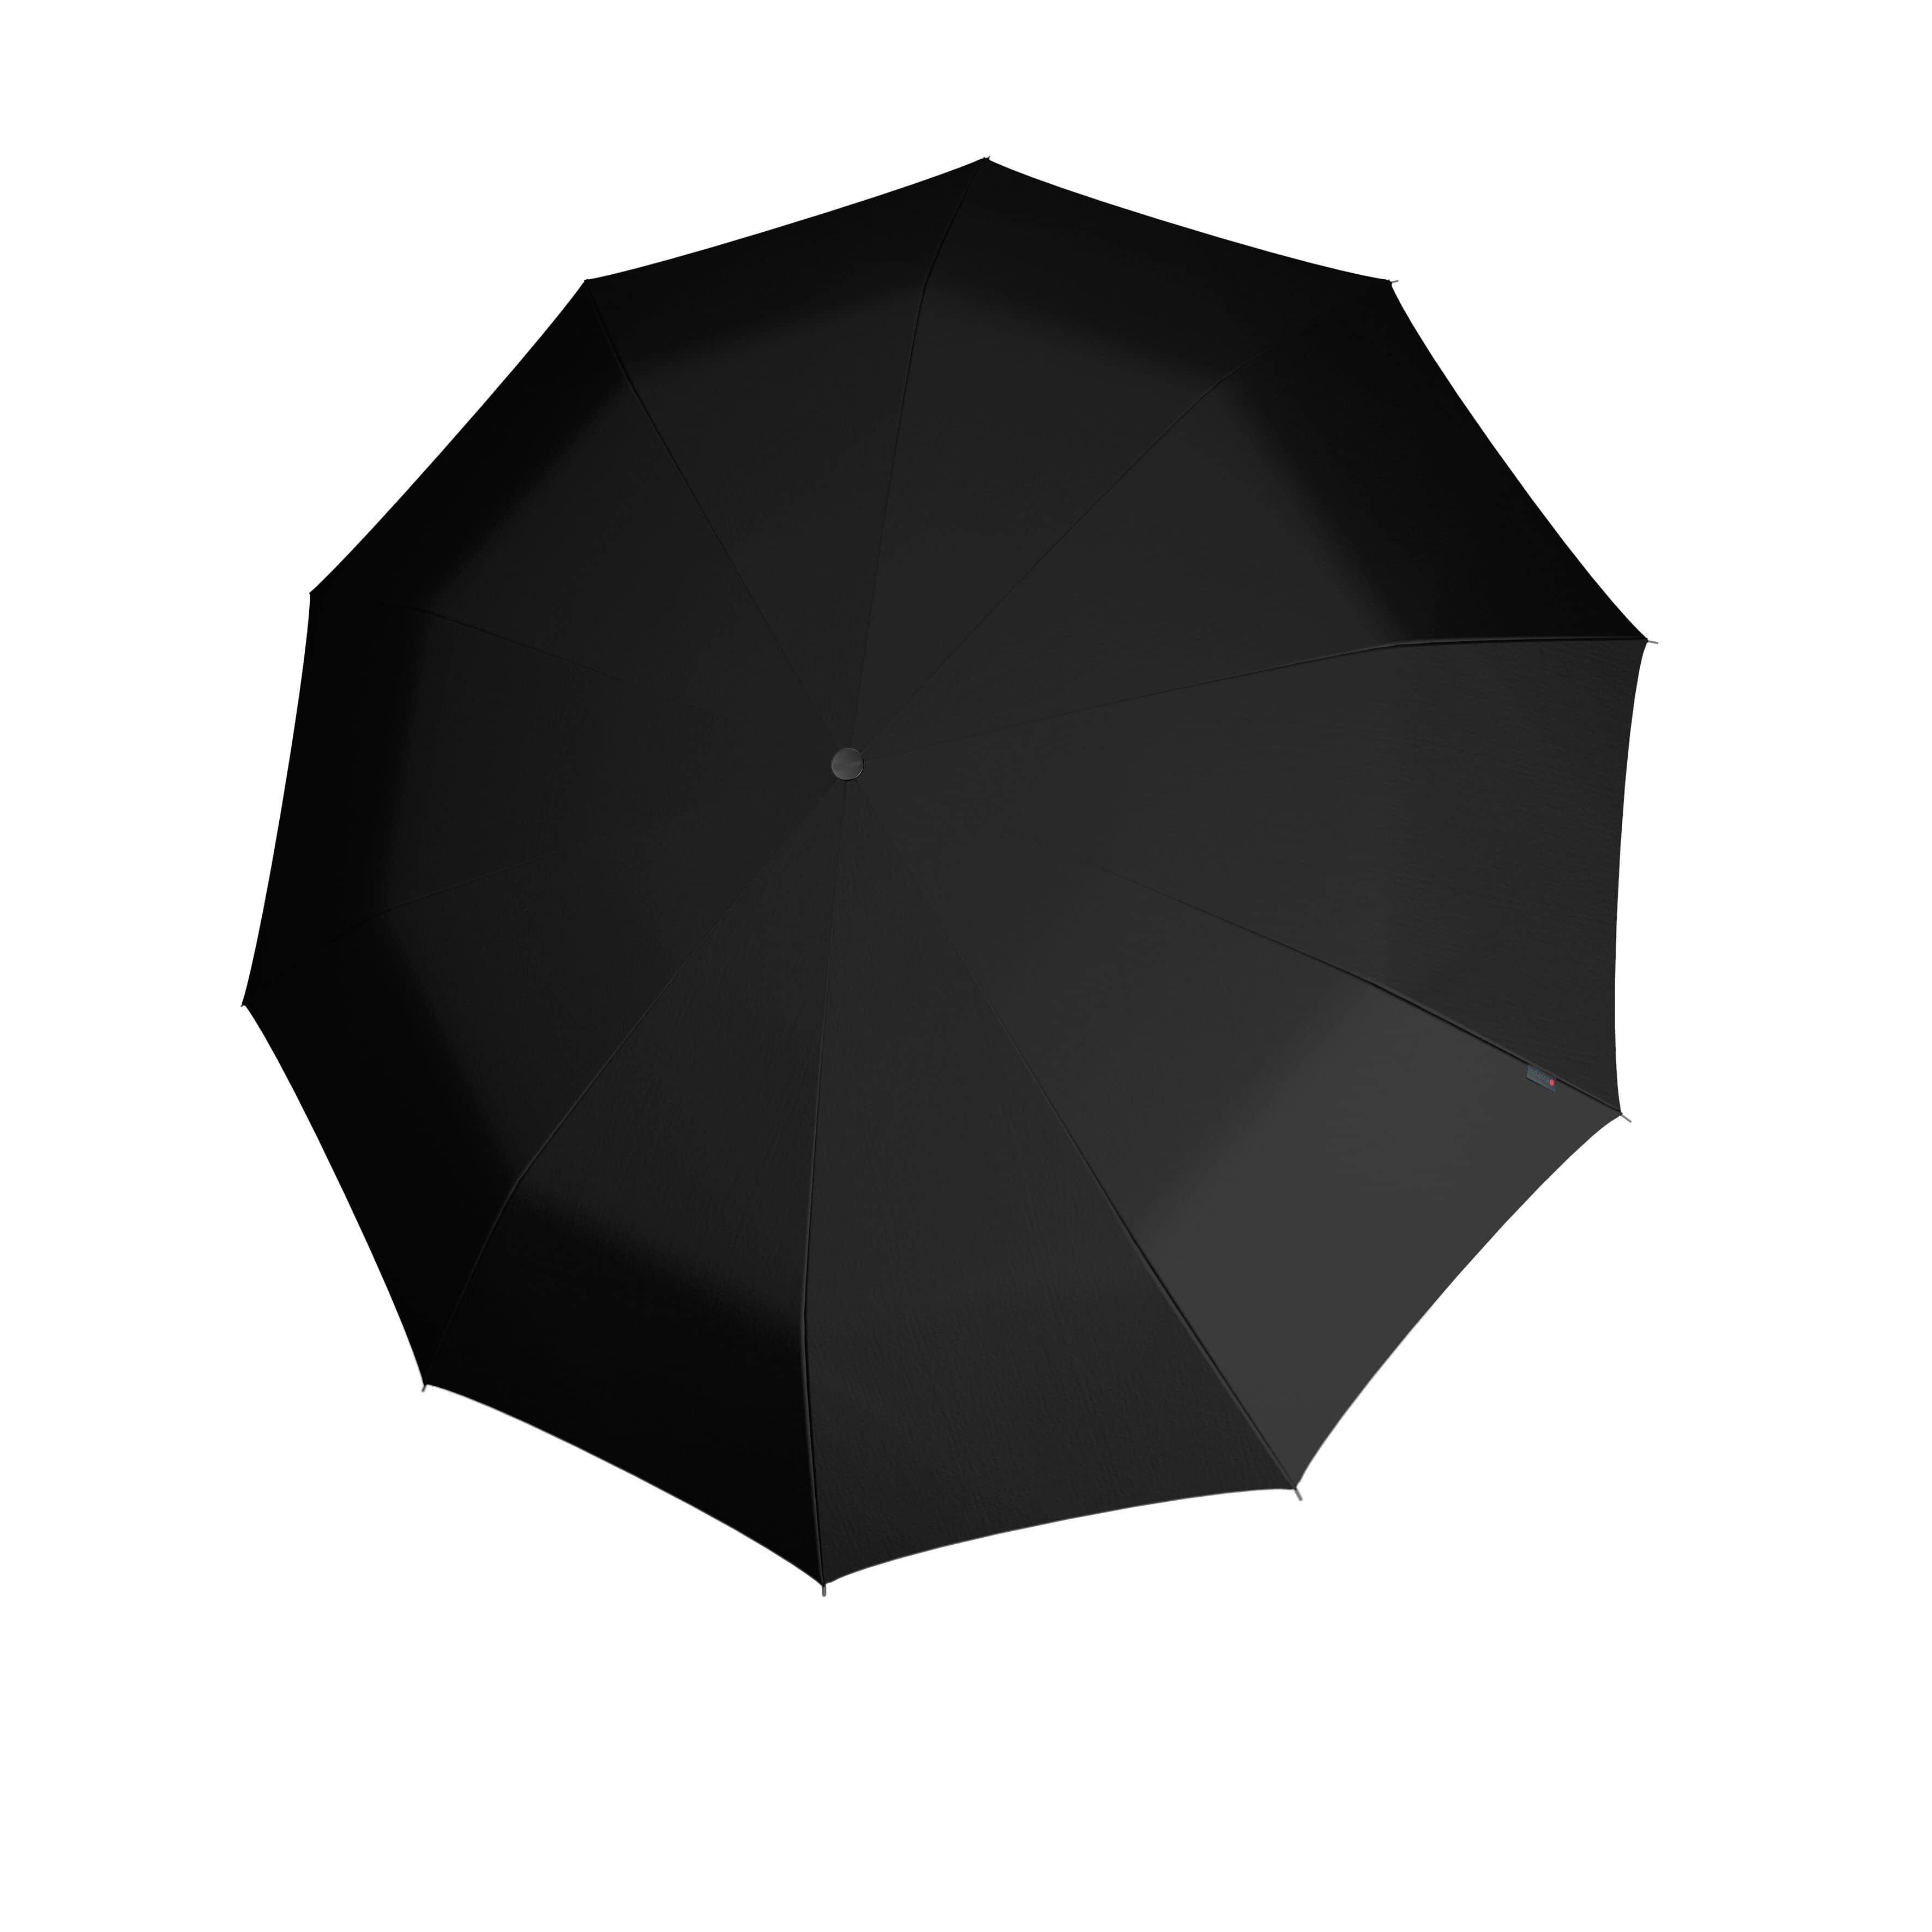 Knirps Umbrella T.771 long automatic - foto 2